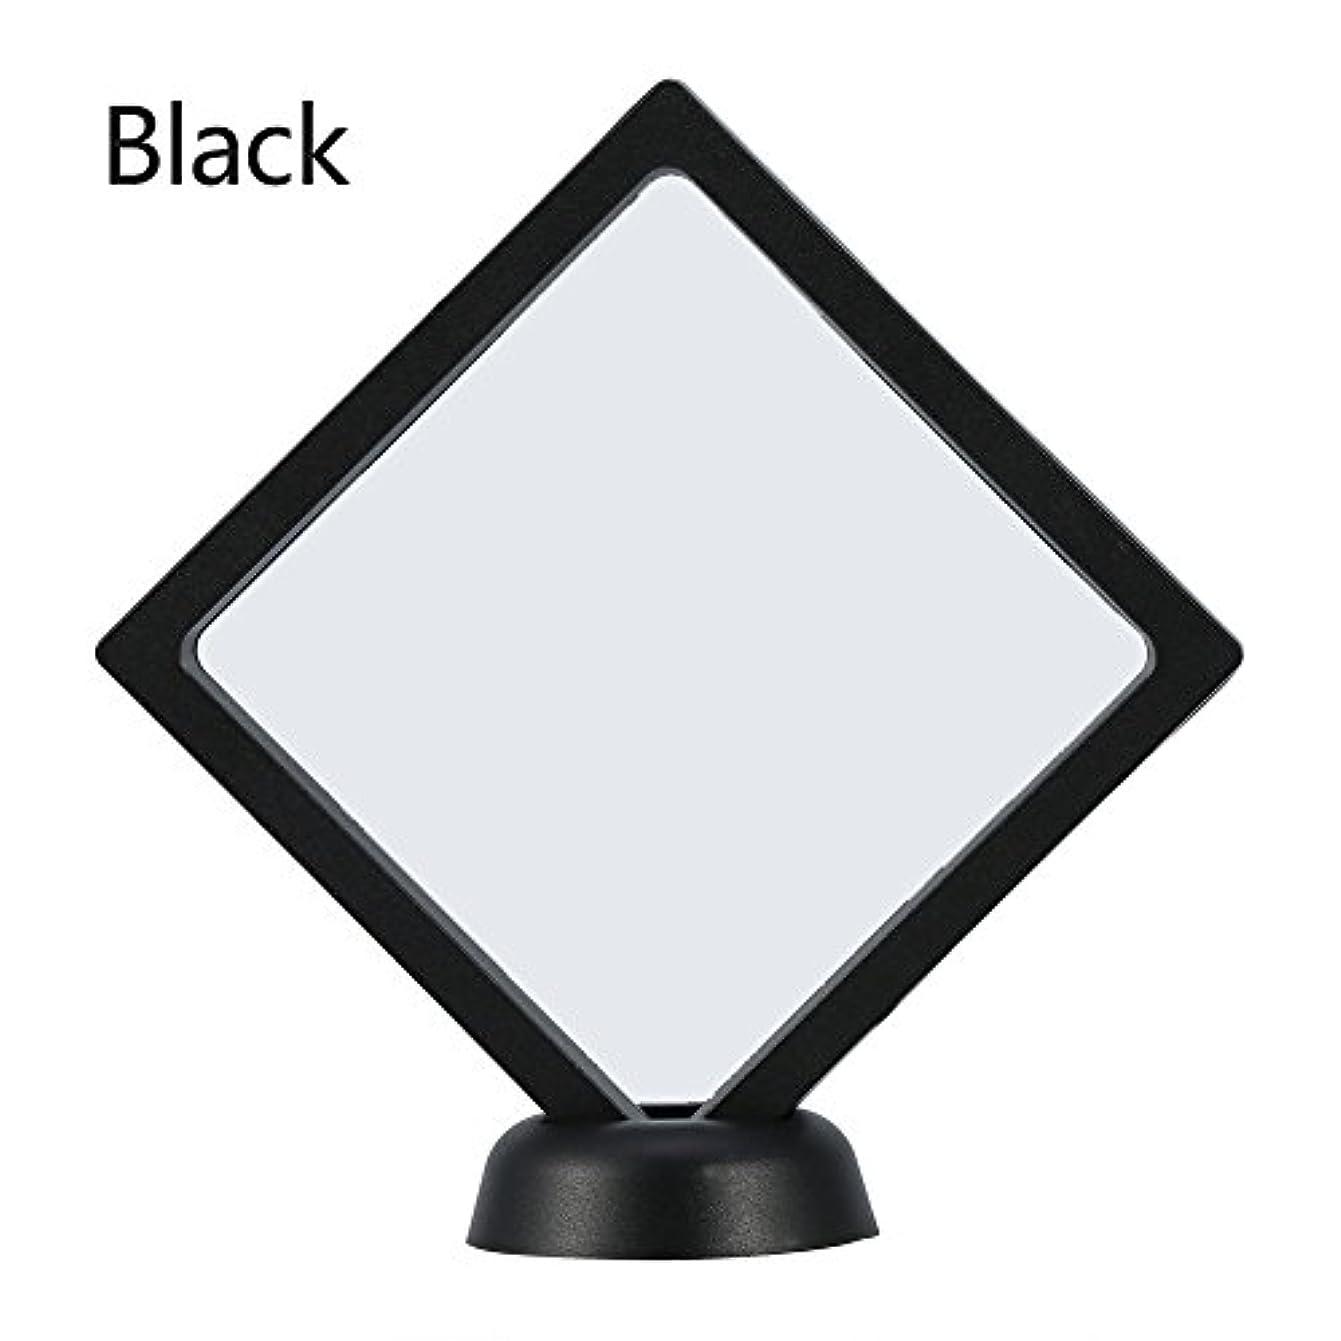 予測つぼみ広々としたアクリルネイルプレートとPETフィルムディスプレイスクリーン付きの2つのダイヤモンドネイルディスプレイスタンド - 4.3 4.3インチネイルホルダーツール(Black)